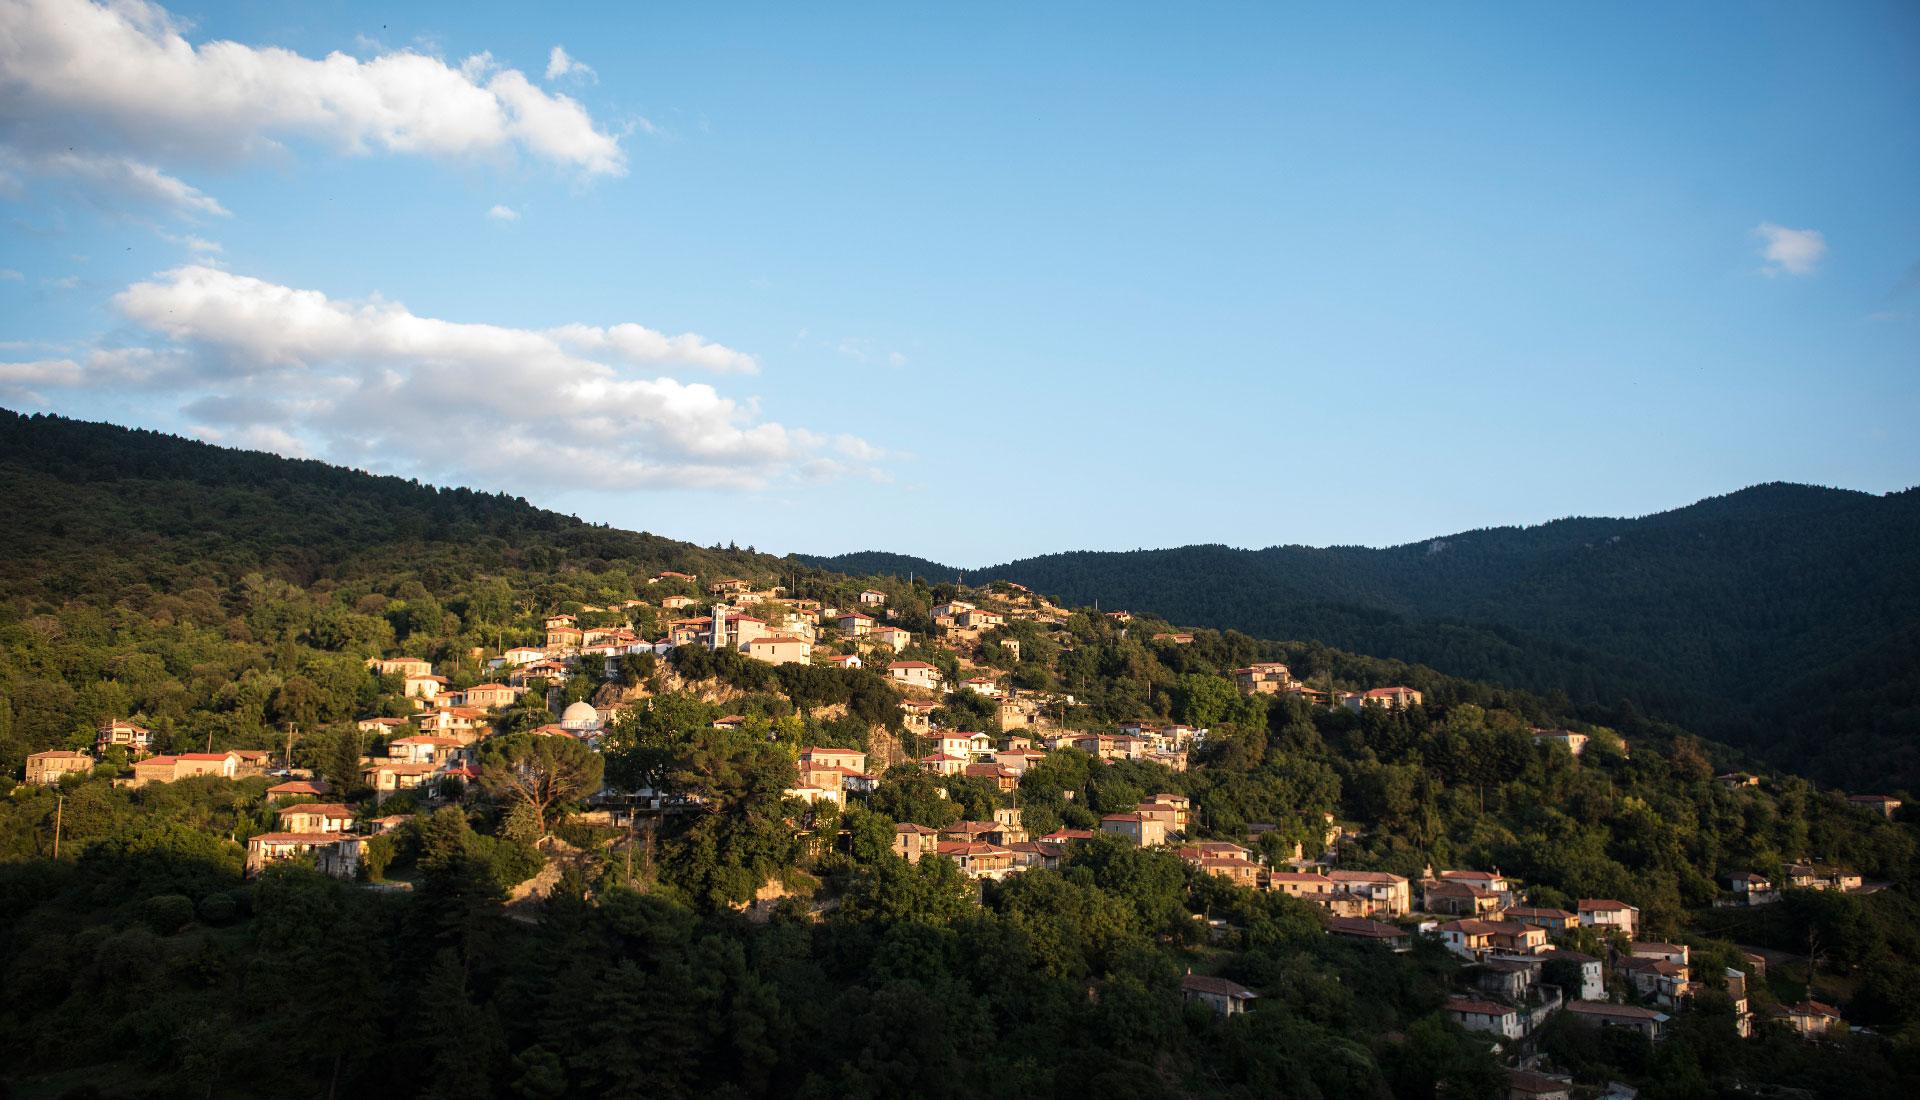 Βαμβακού Λακωνίας: ένα μικρό ορεινό χωριό λίγων μόνιμων κατοίκων που αναγεννάται, ένας ονειρεμένος τόπος που σας καλεί να τον γνωρίσετε!